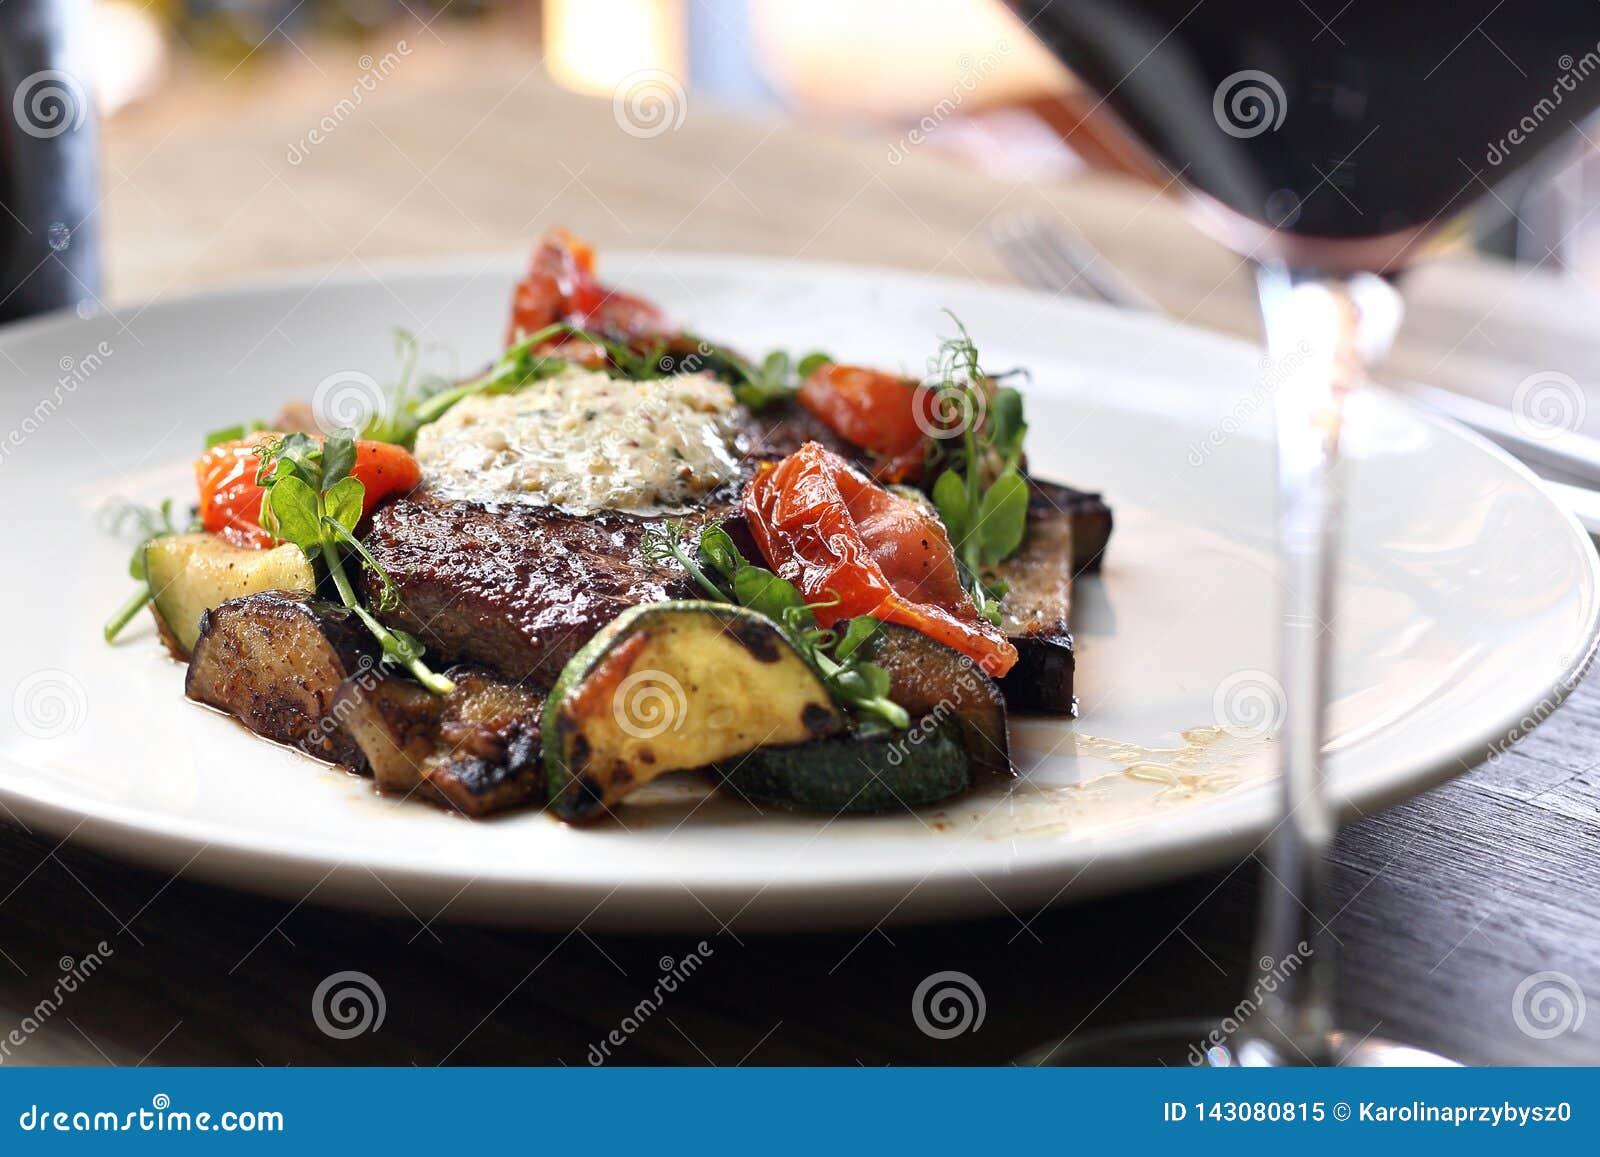 Mittelrippe vom Rind-Steak mit Kräuterbutter und gegrilltem Gemüse diente mit einem Glas Rotwein